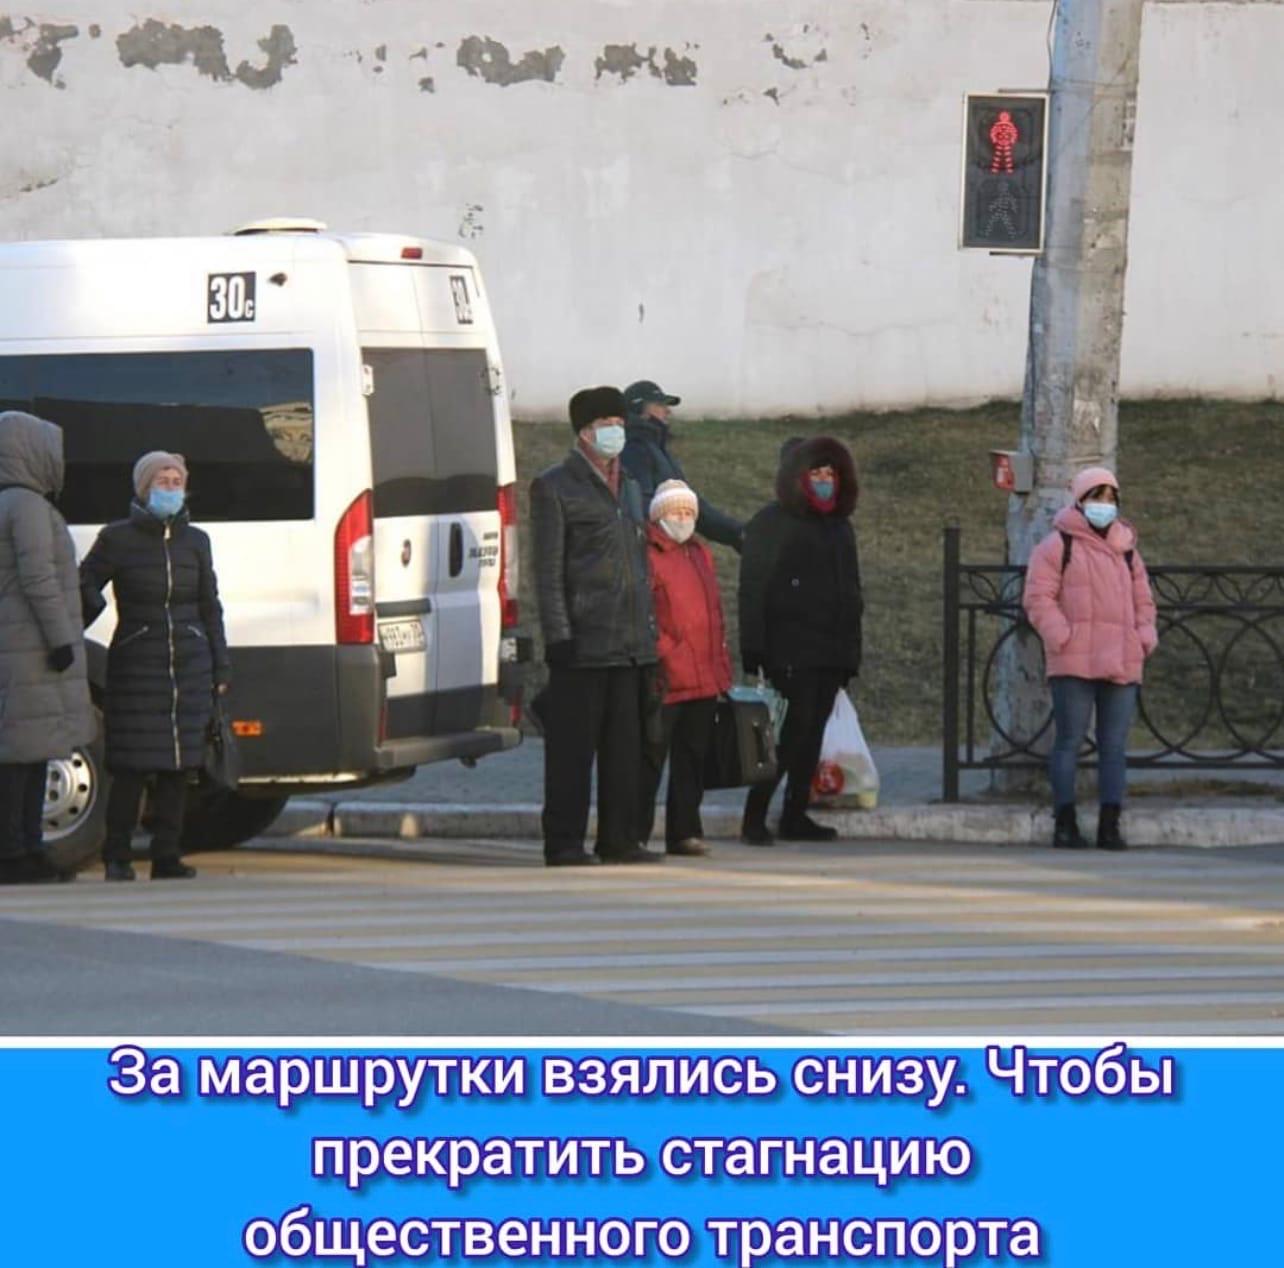 То, что с так называемым общественным транспортом в Астрахани дела обстоят из рук вон плохо, стало уже общим местом.